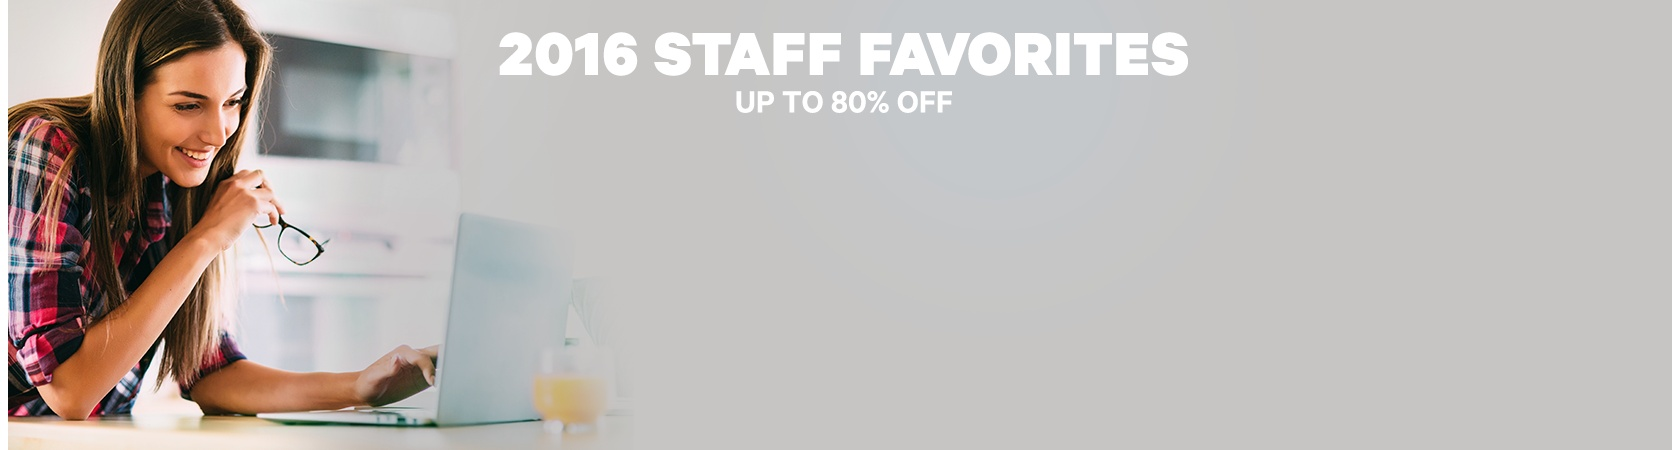 Staff Favorites Groupon